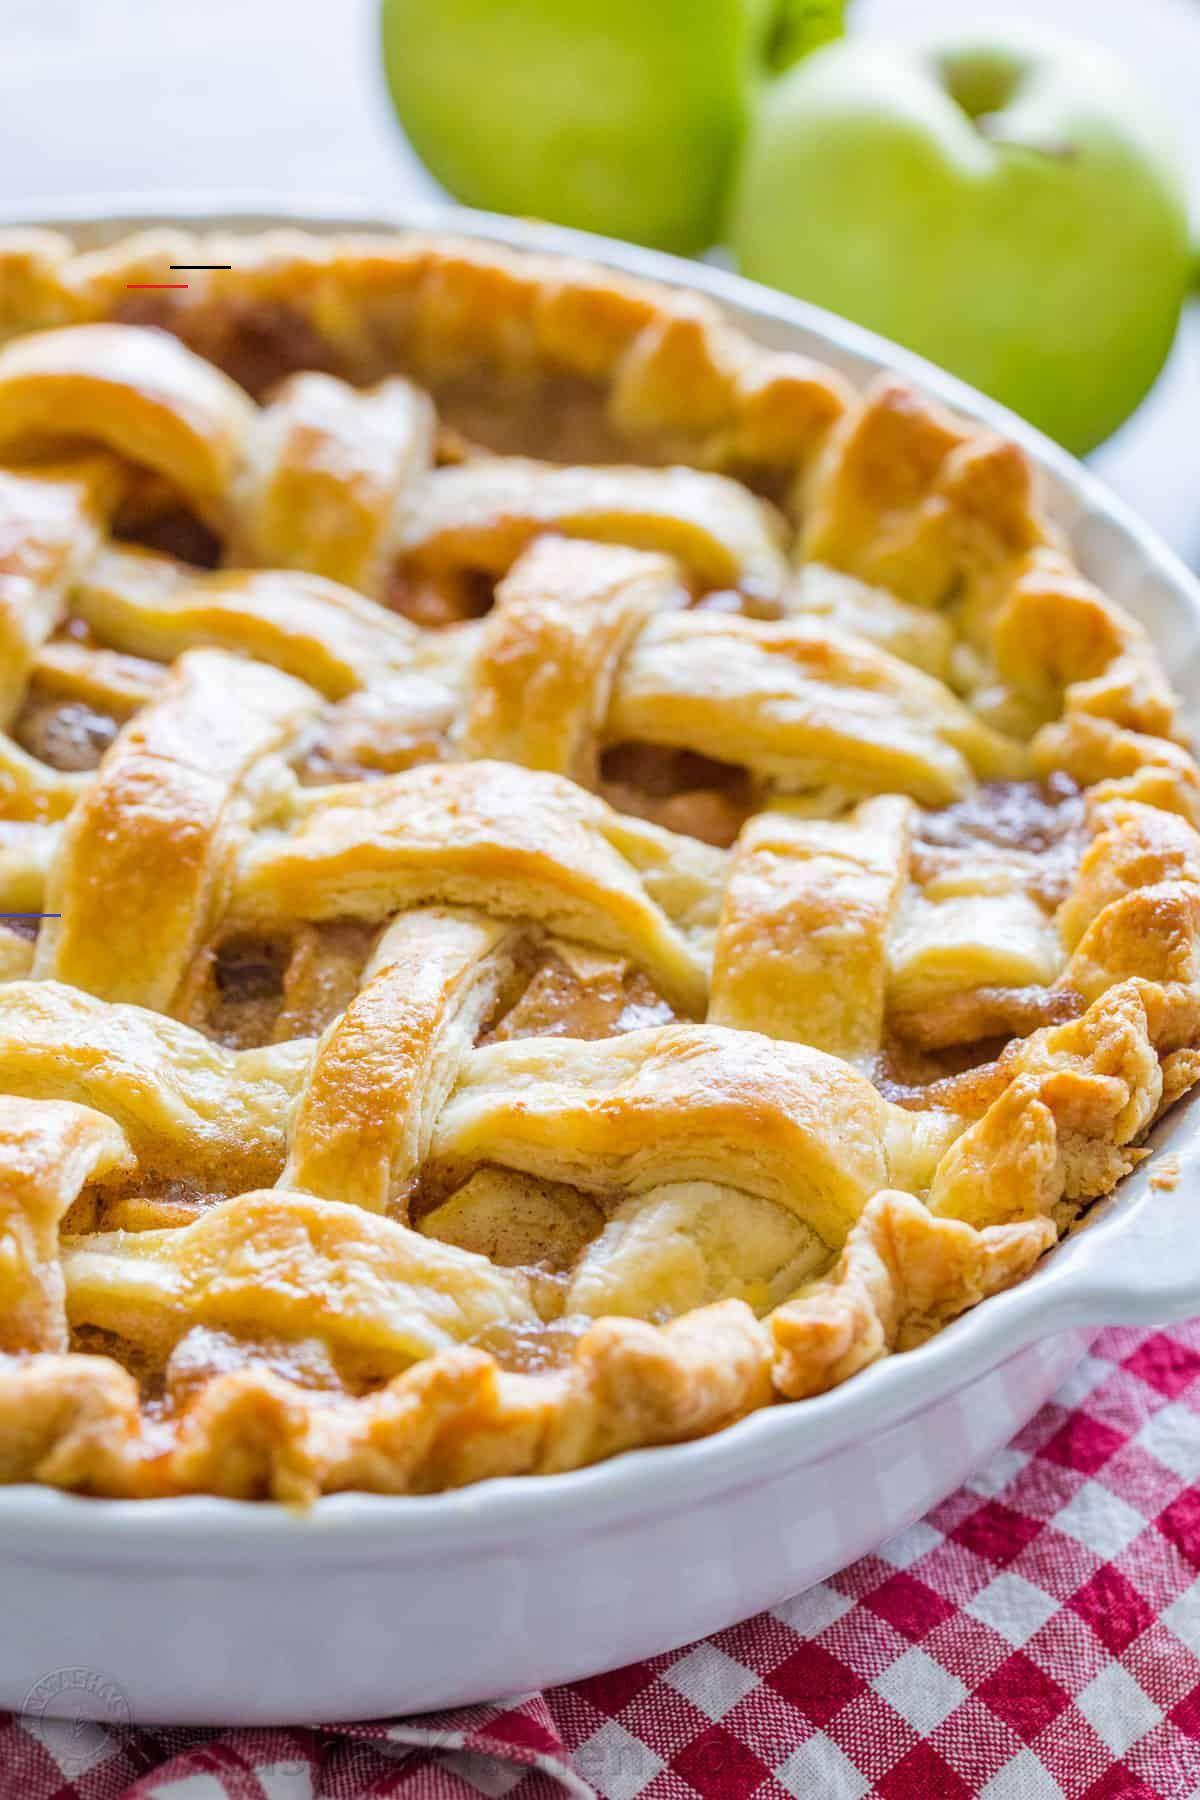 Apple Pie Recipe With The Best Filling Video Natashaskitchen Com Applepiecookies Pie De Manzana Receta Pay De Manzana Receta Comidas Sin Carbohidratos